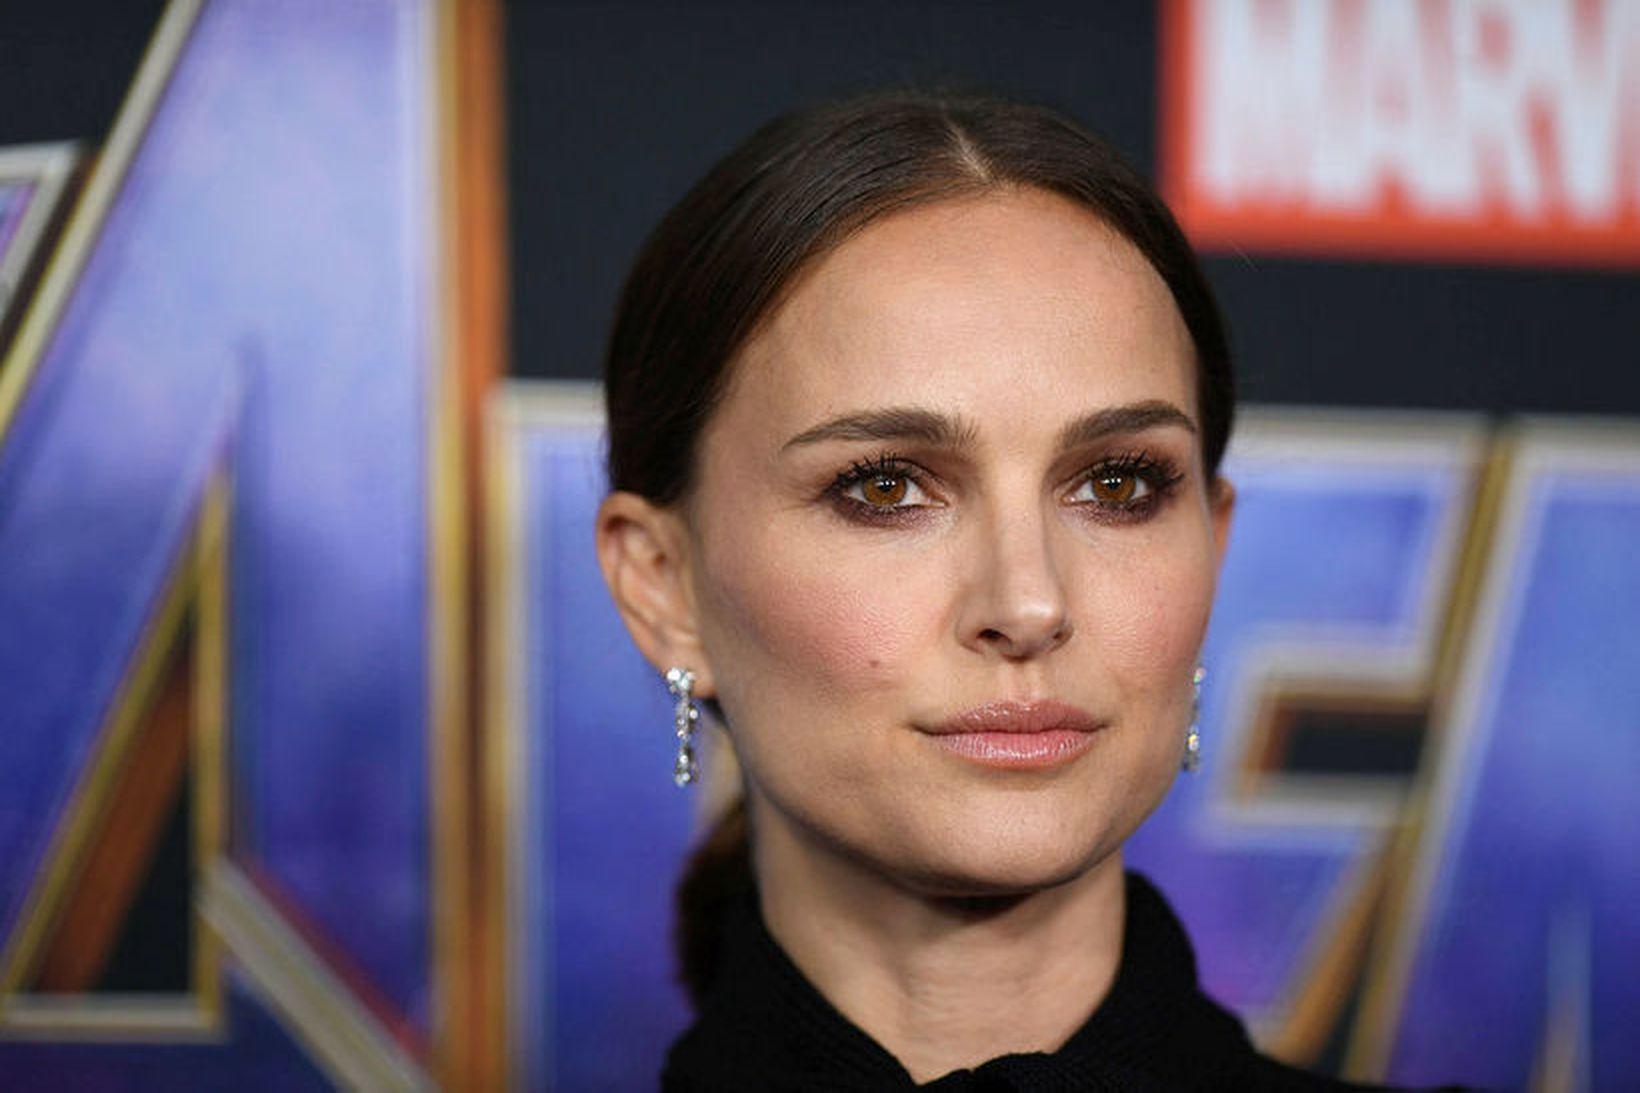 Natalie Portman telur að Moby hafi breytt sögunni af samskiptum …